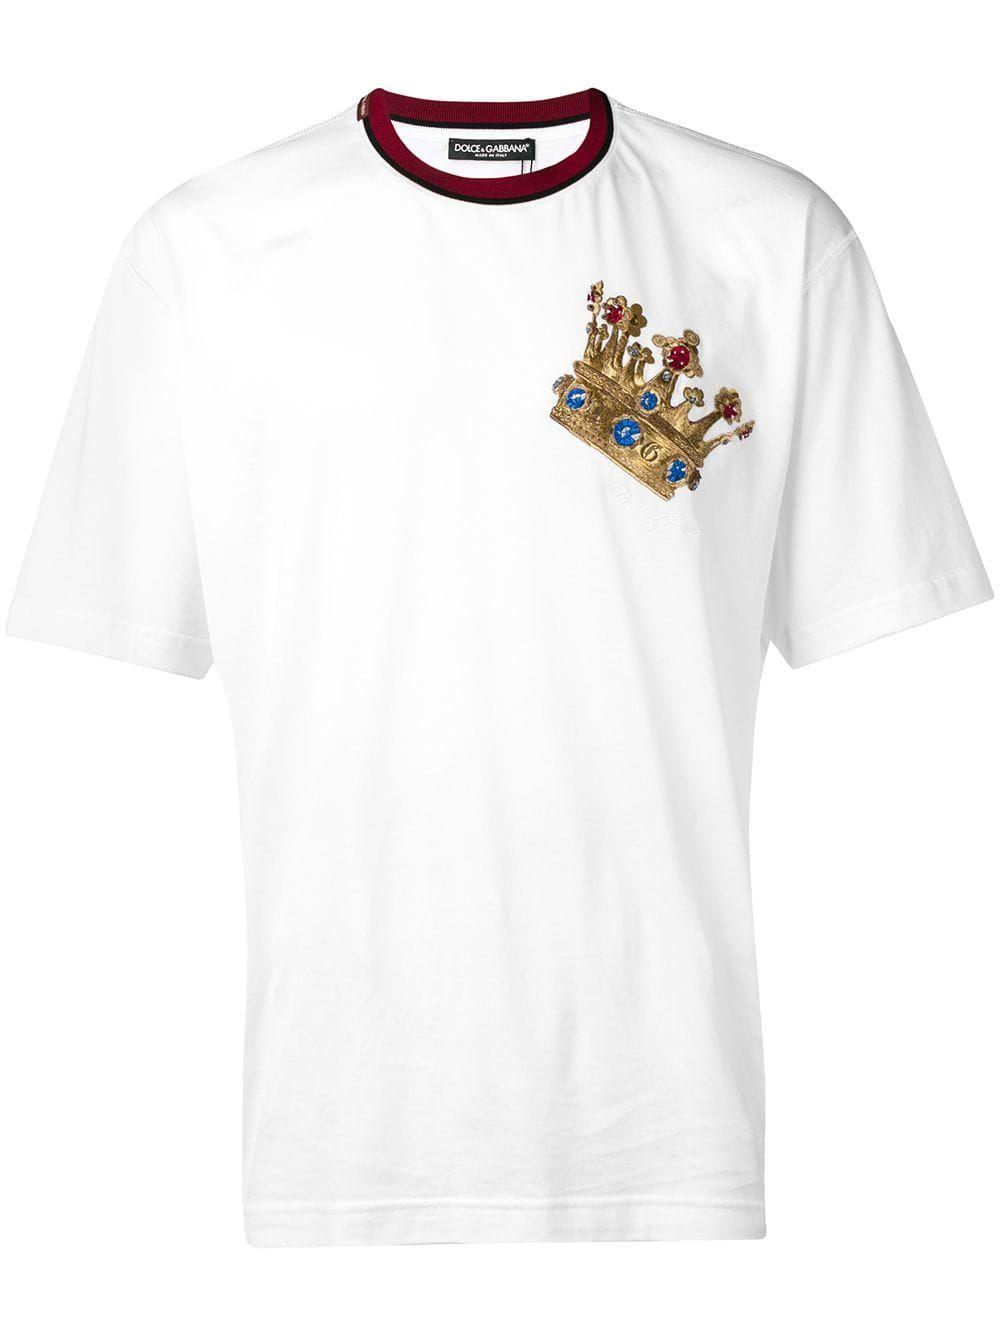 21b202e99 DOLCE & GABBANA DOLCE & GABBANA EMBROIDERED CROWN T-SHIRT - WHITE. # dolcegabbana #cloth